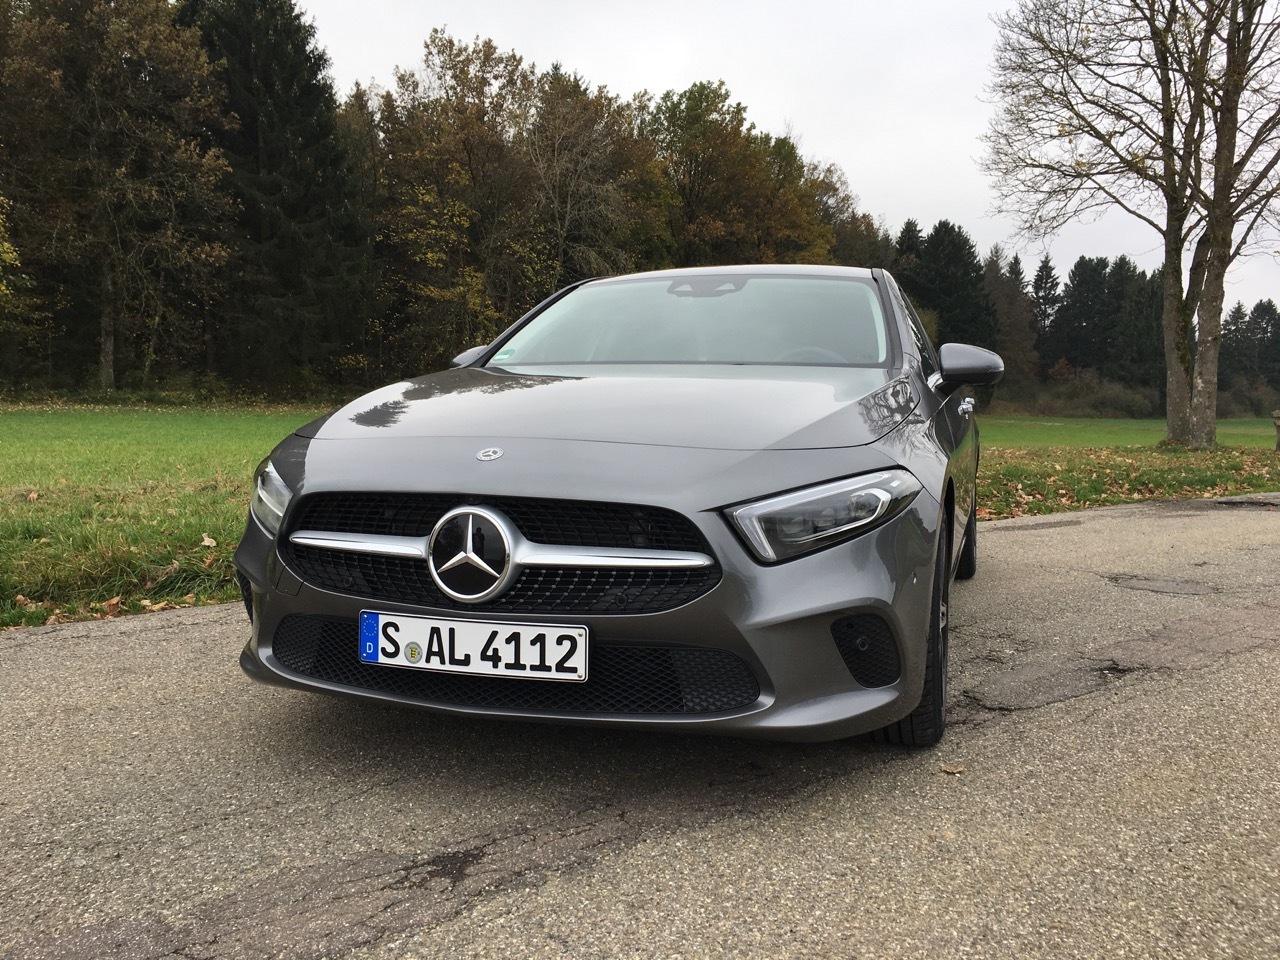 Mercedes Classe A Sedan 200d - Prova Stoccarda 2019